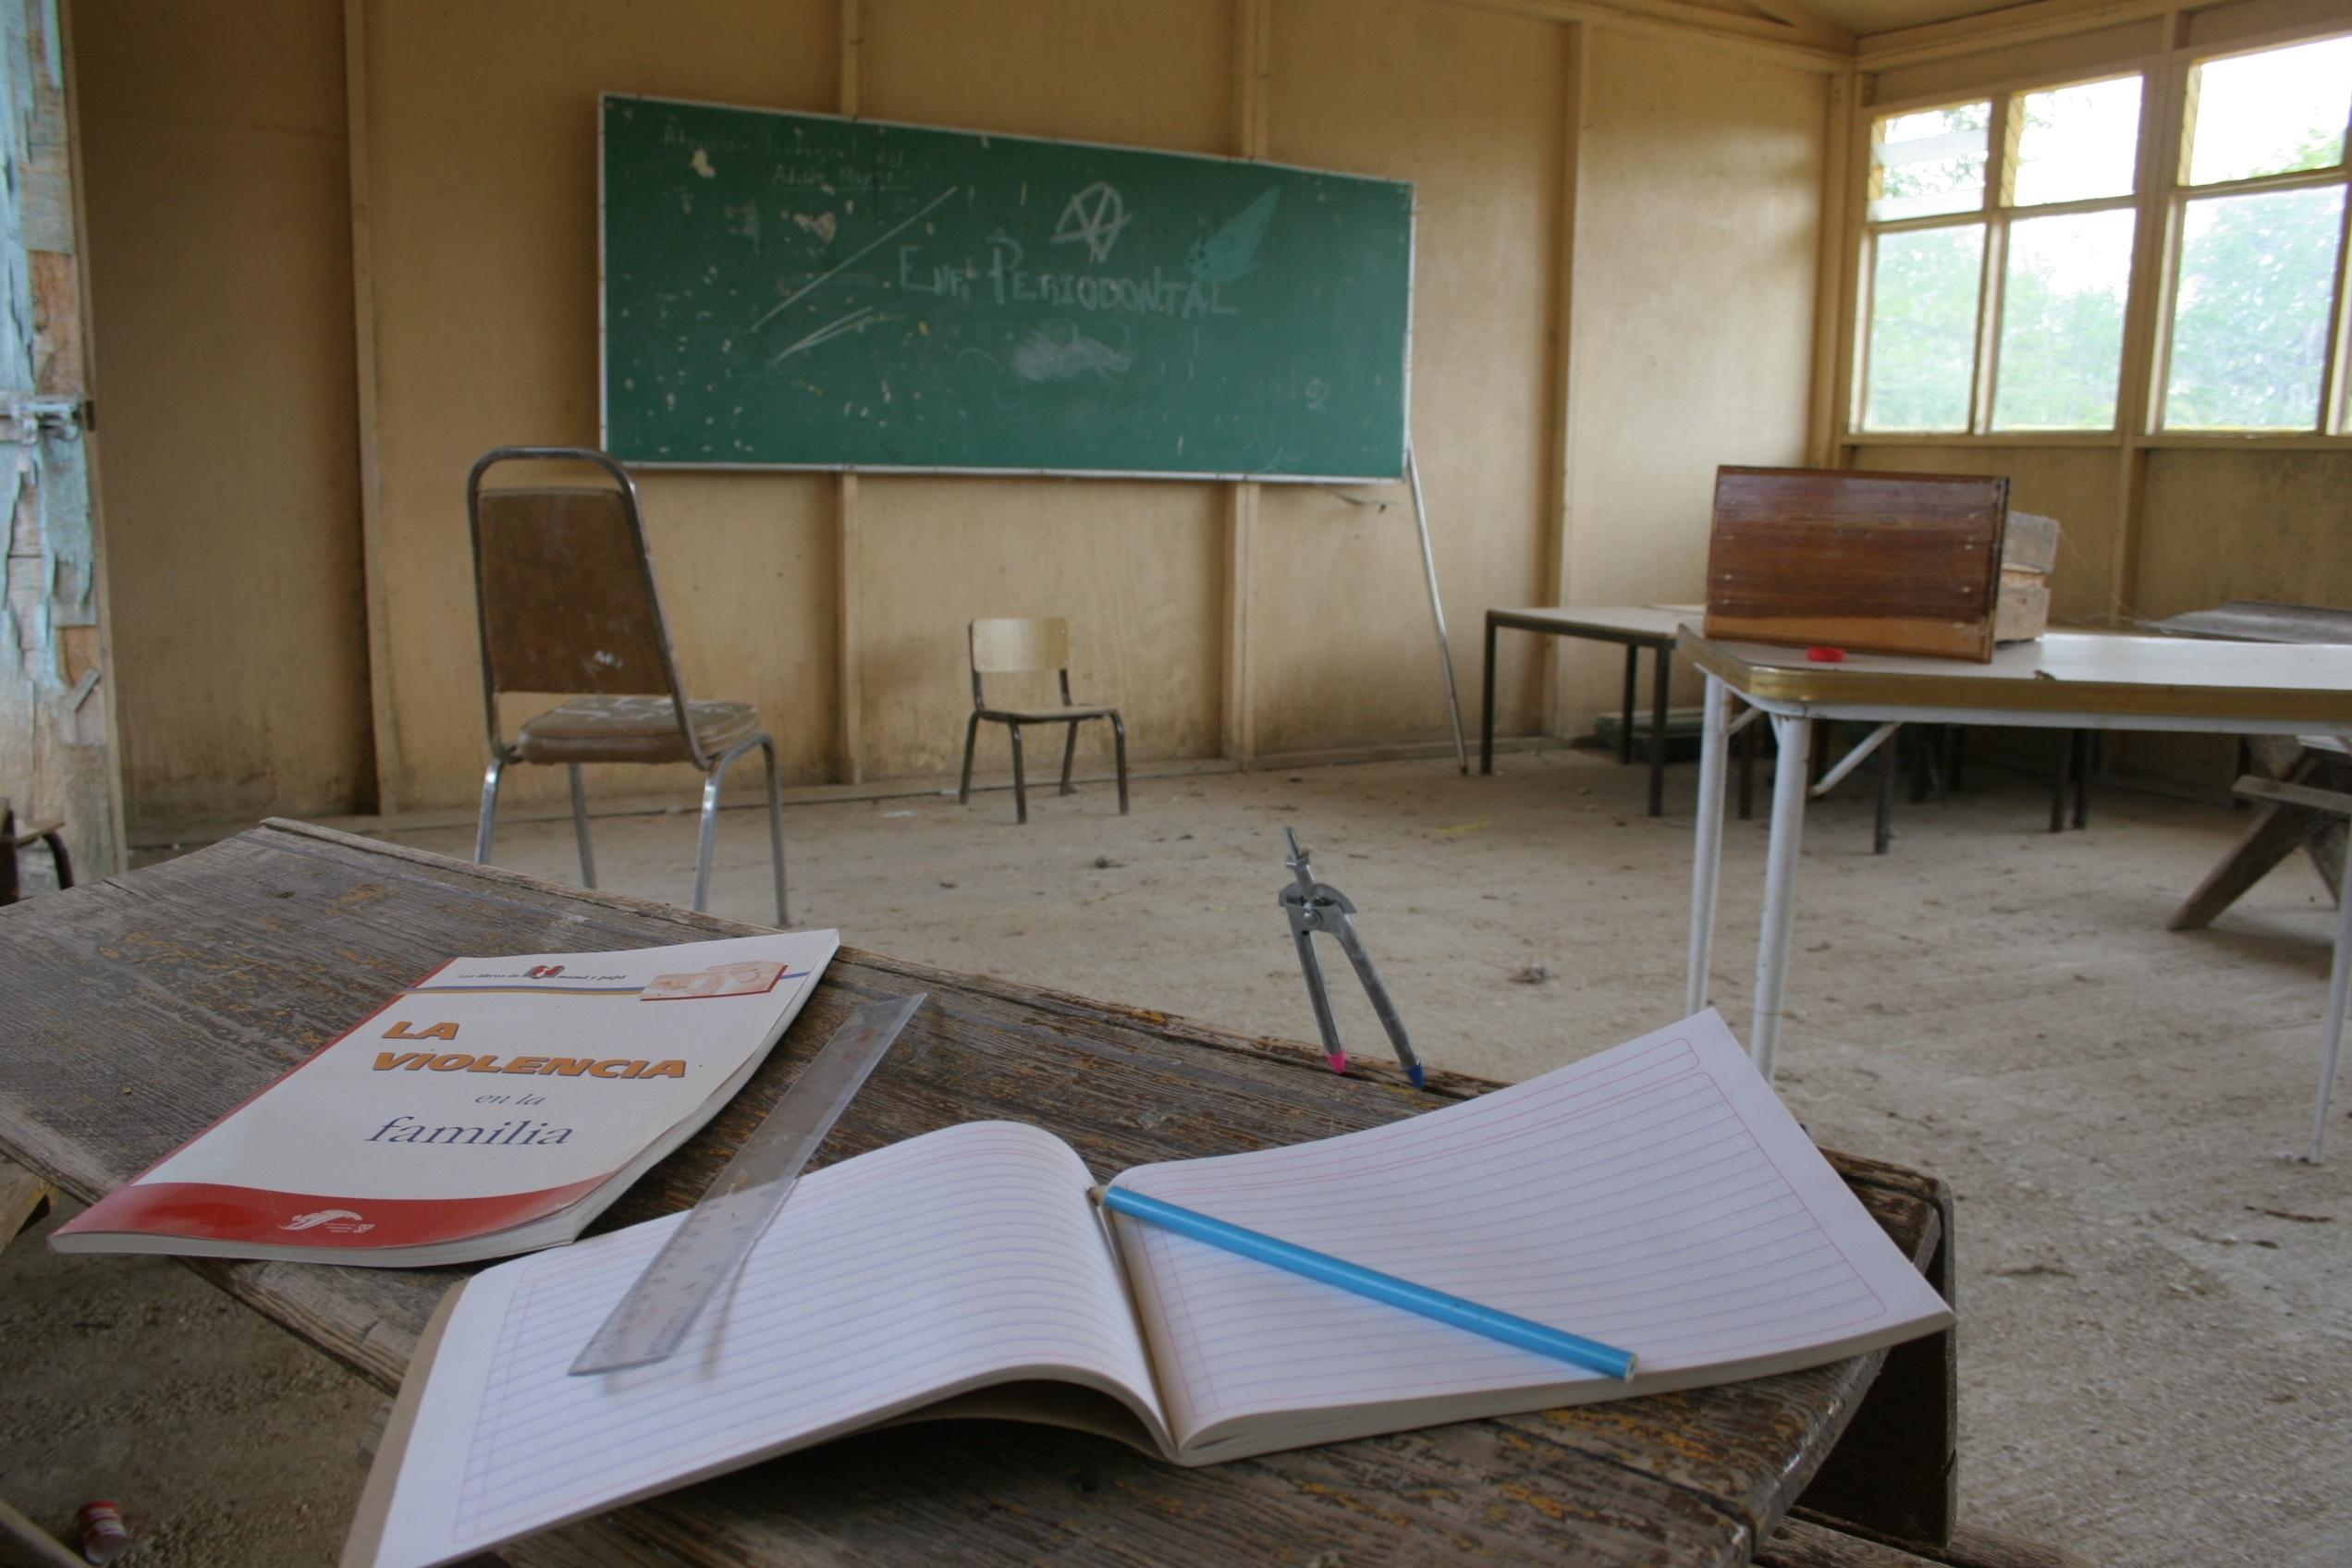 problemas educativos en mexico